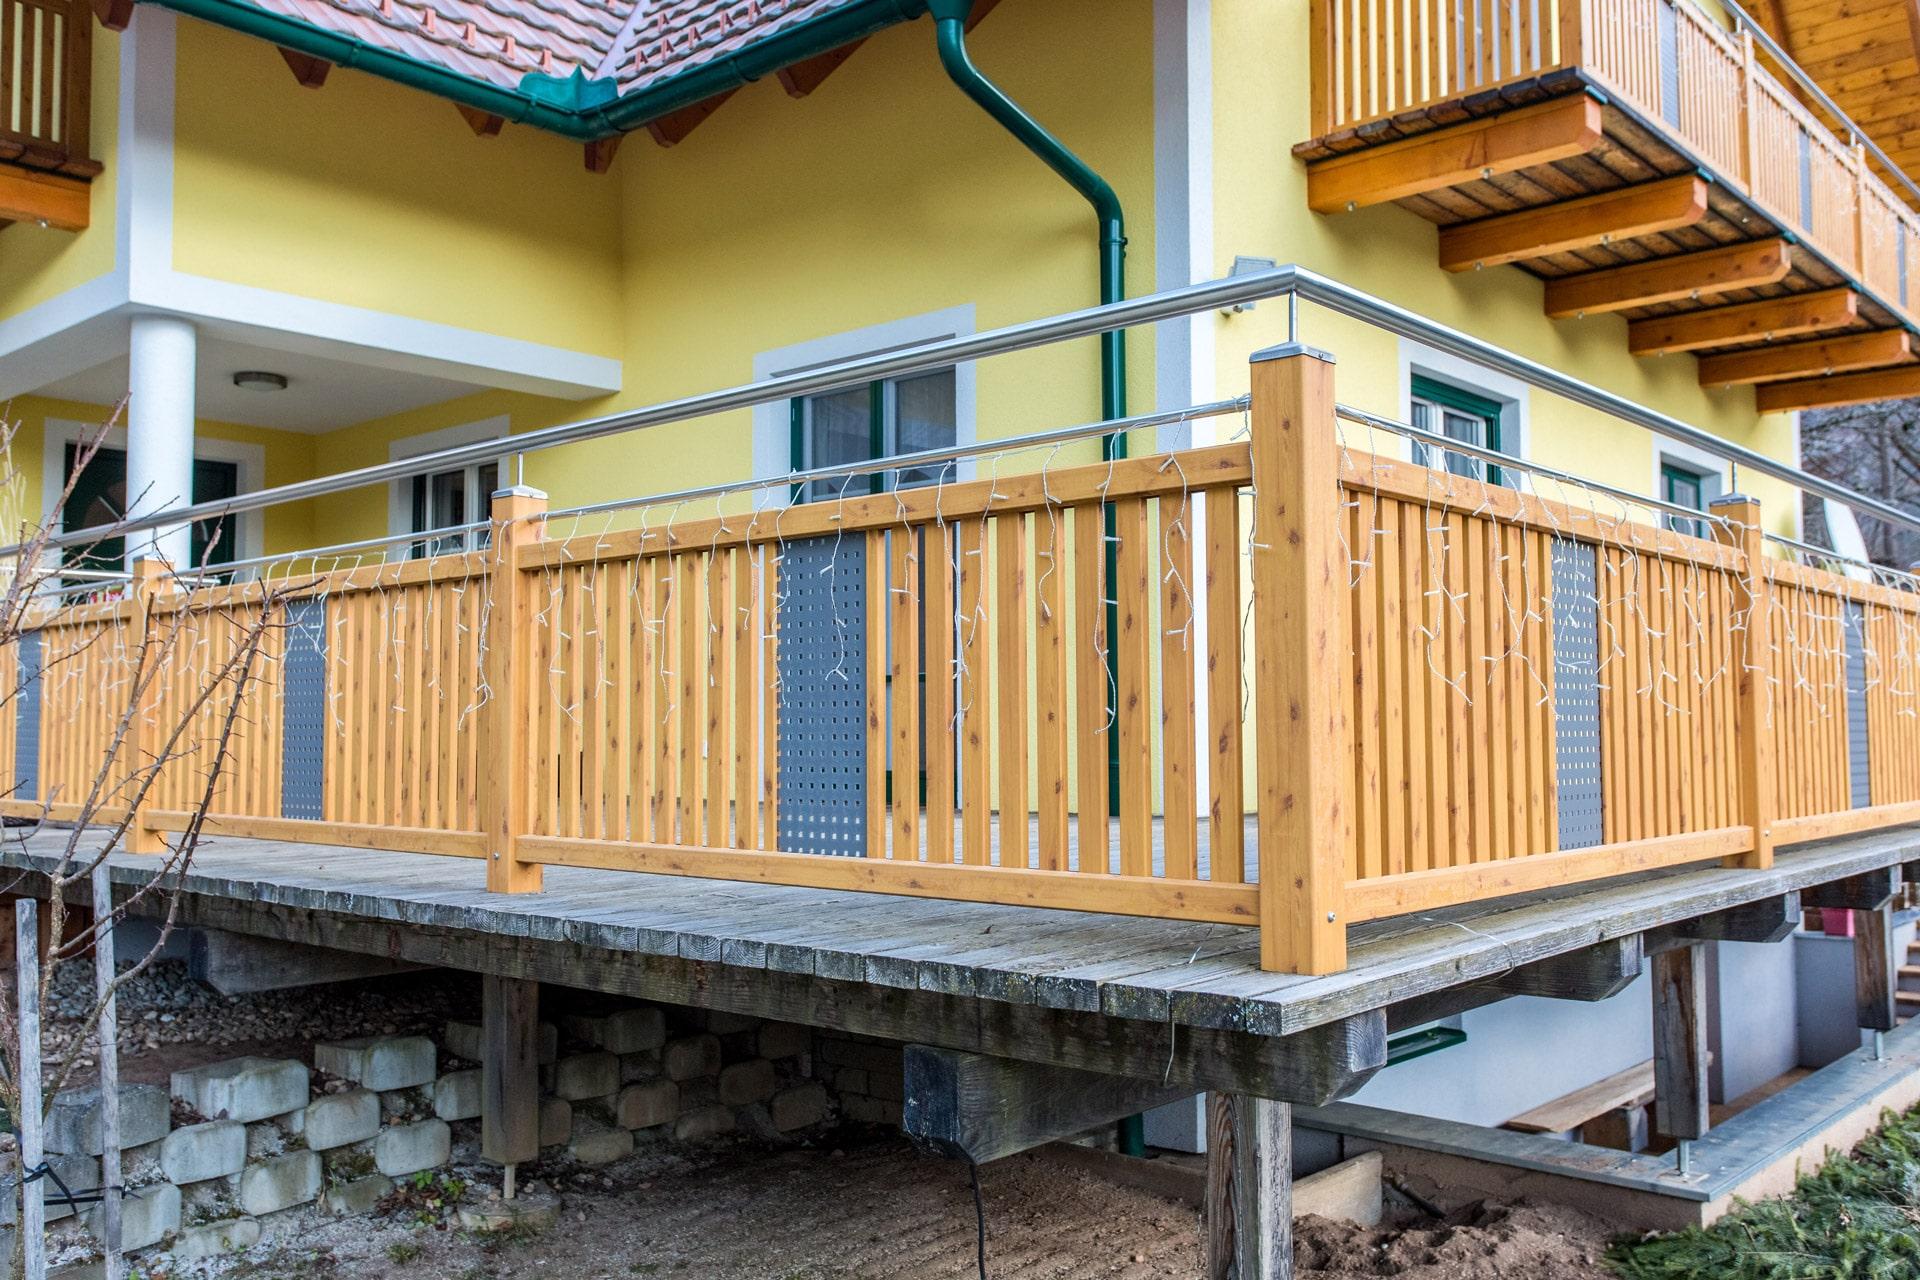 Krieglach 11 H c | Alu-Holzbeschichtung Kiefer bei Geländer aufgesetzt auf Boden montiert | Svoboda